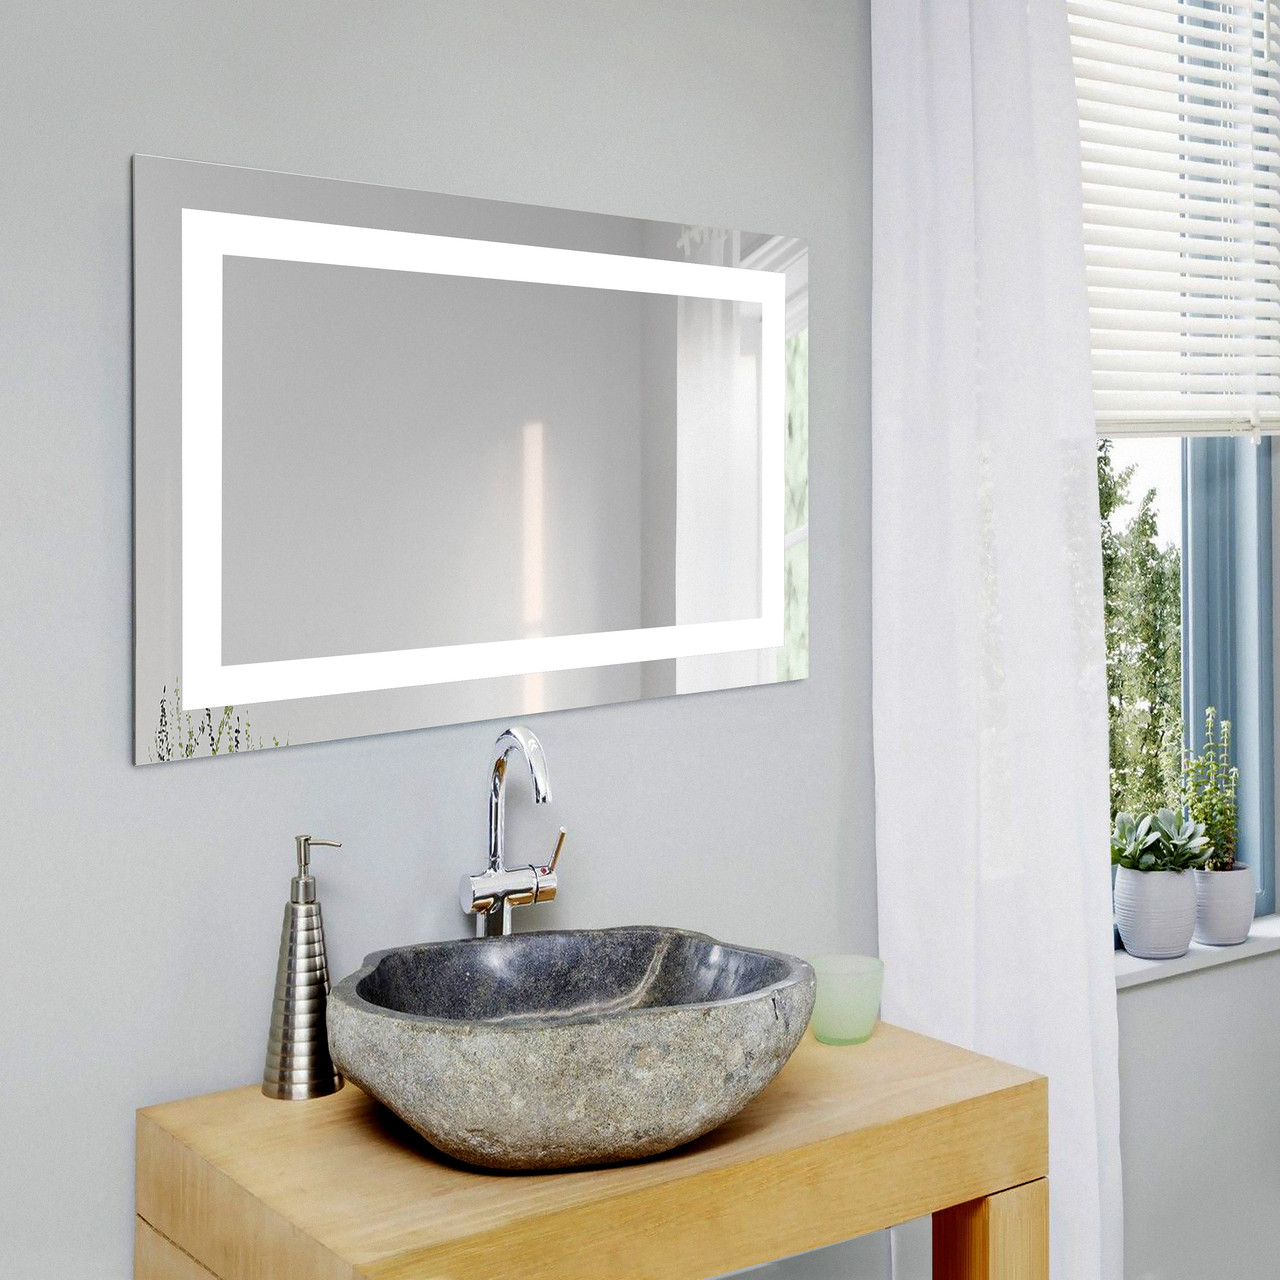 Прямоугольное зеркало с подсветкой 800х500 мм